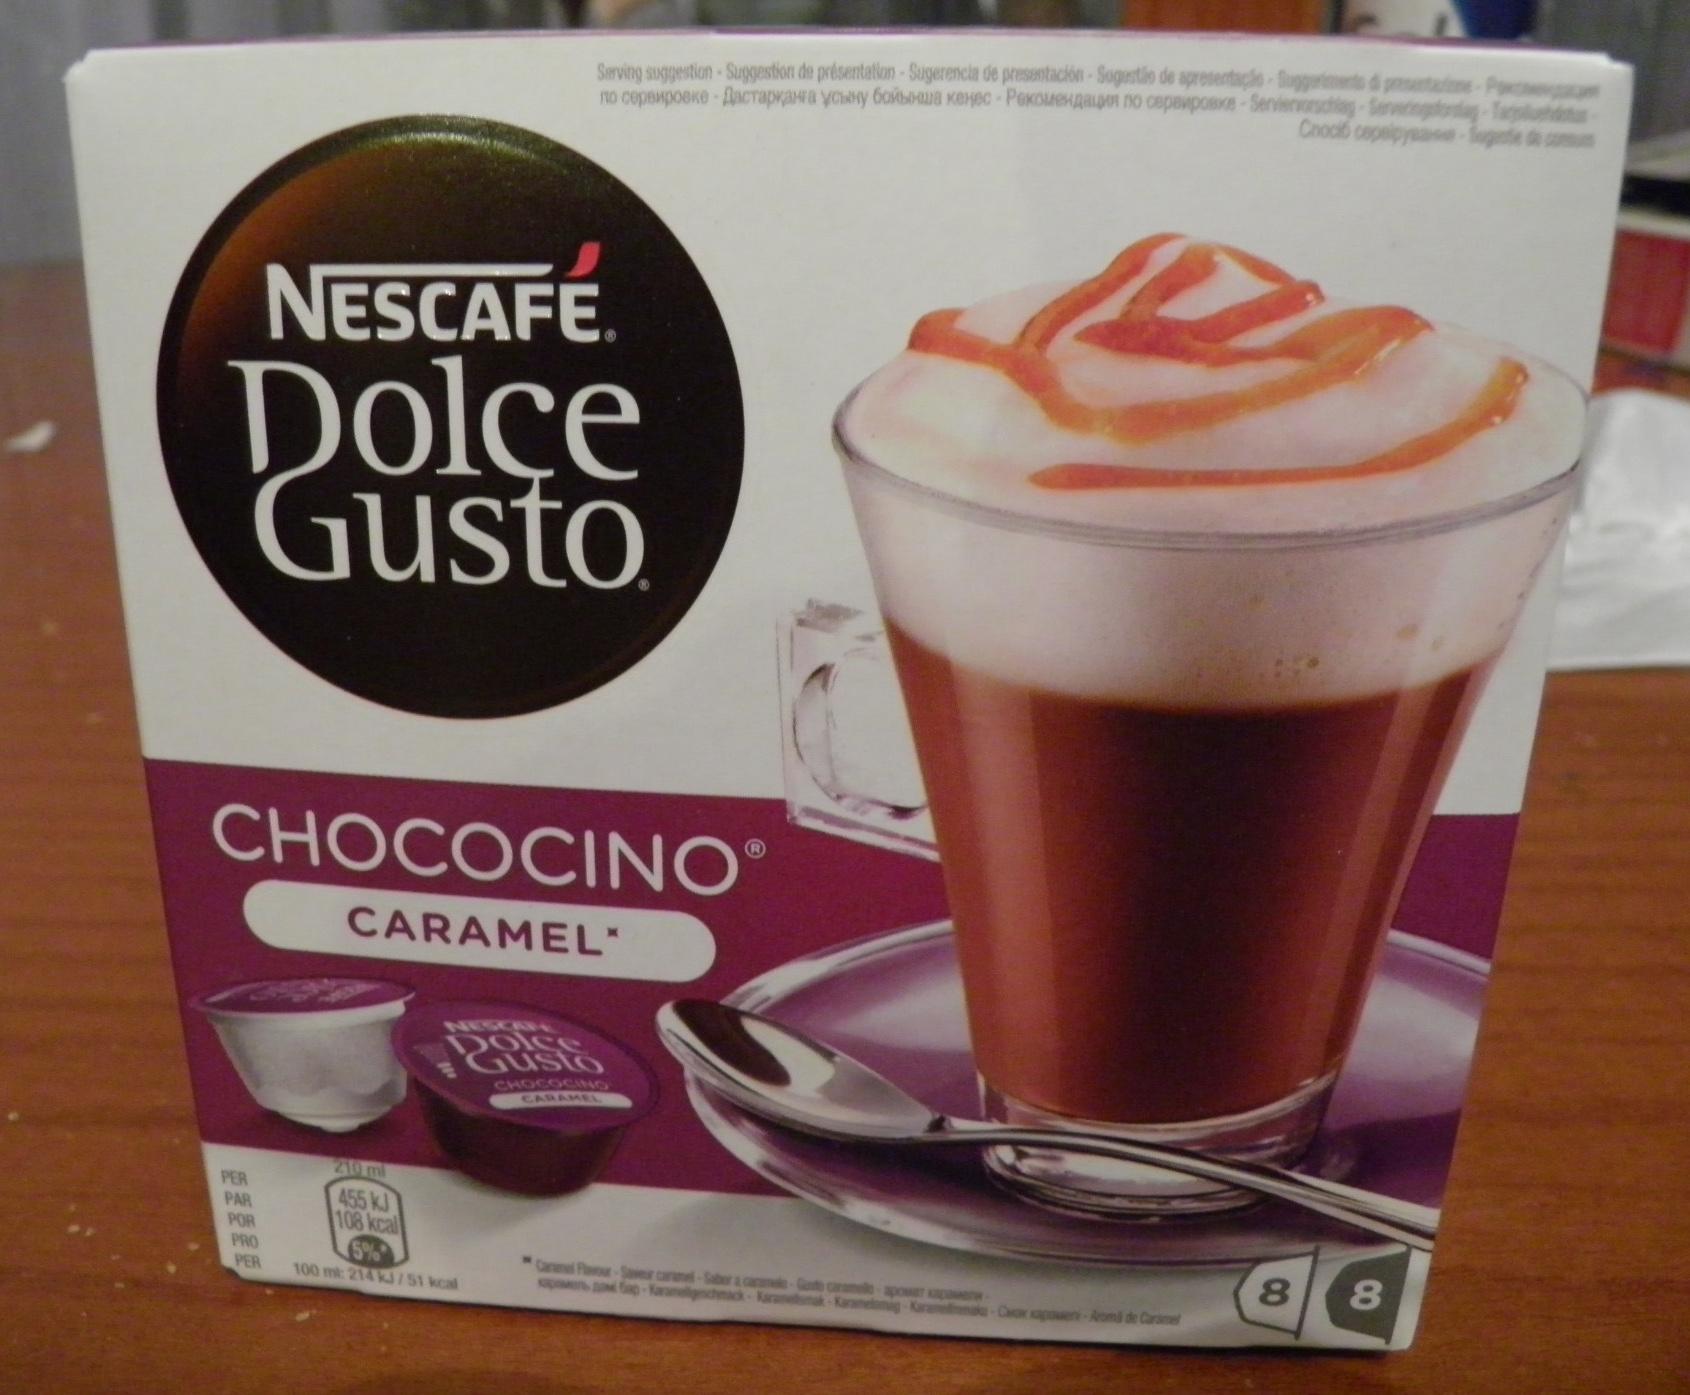 Nescafé Dolce Gusto Chococino Caramel - Product - fr